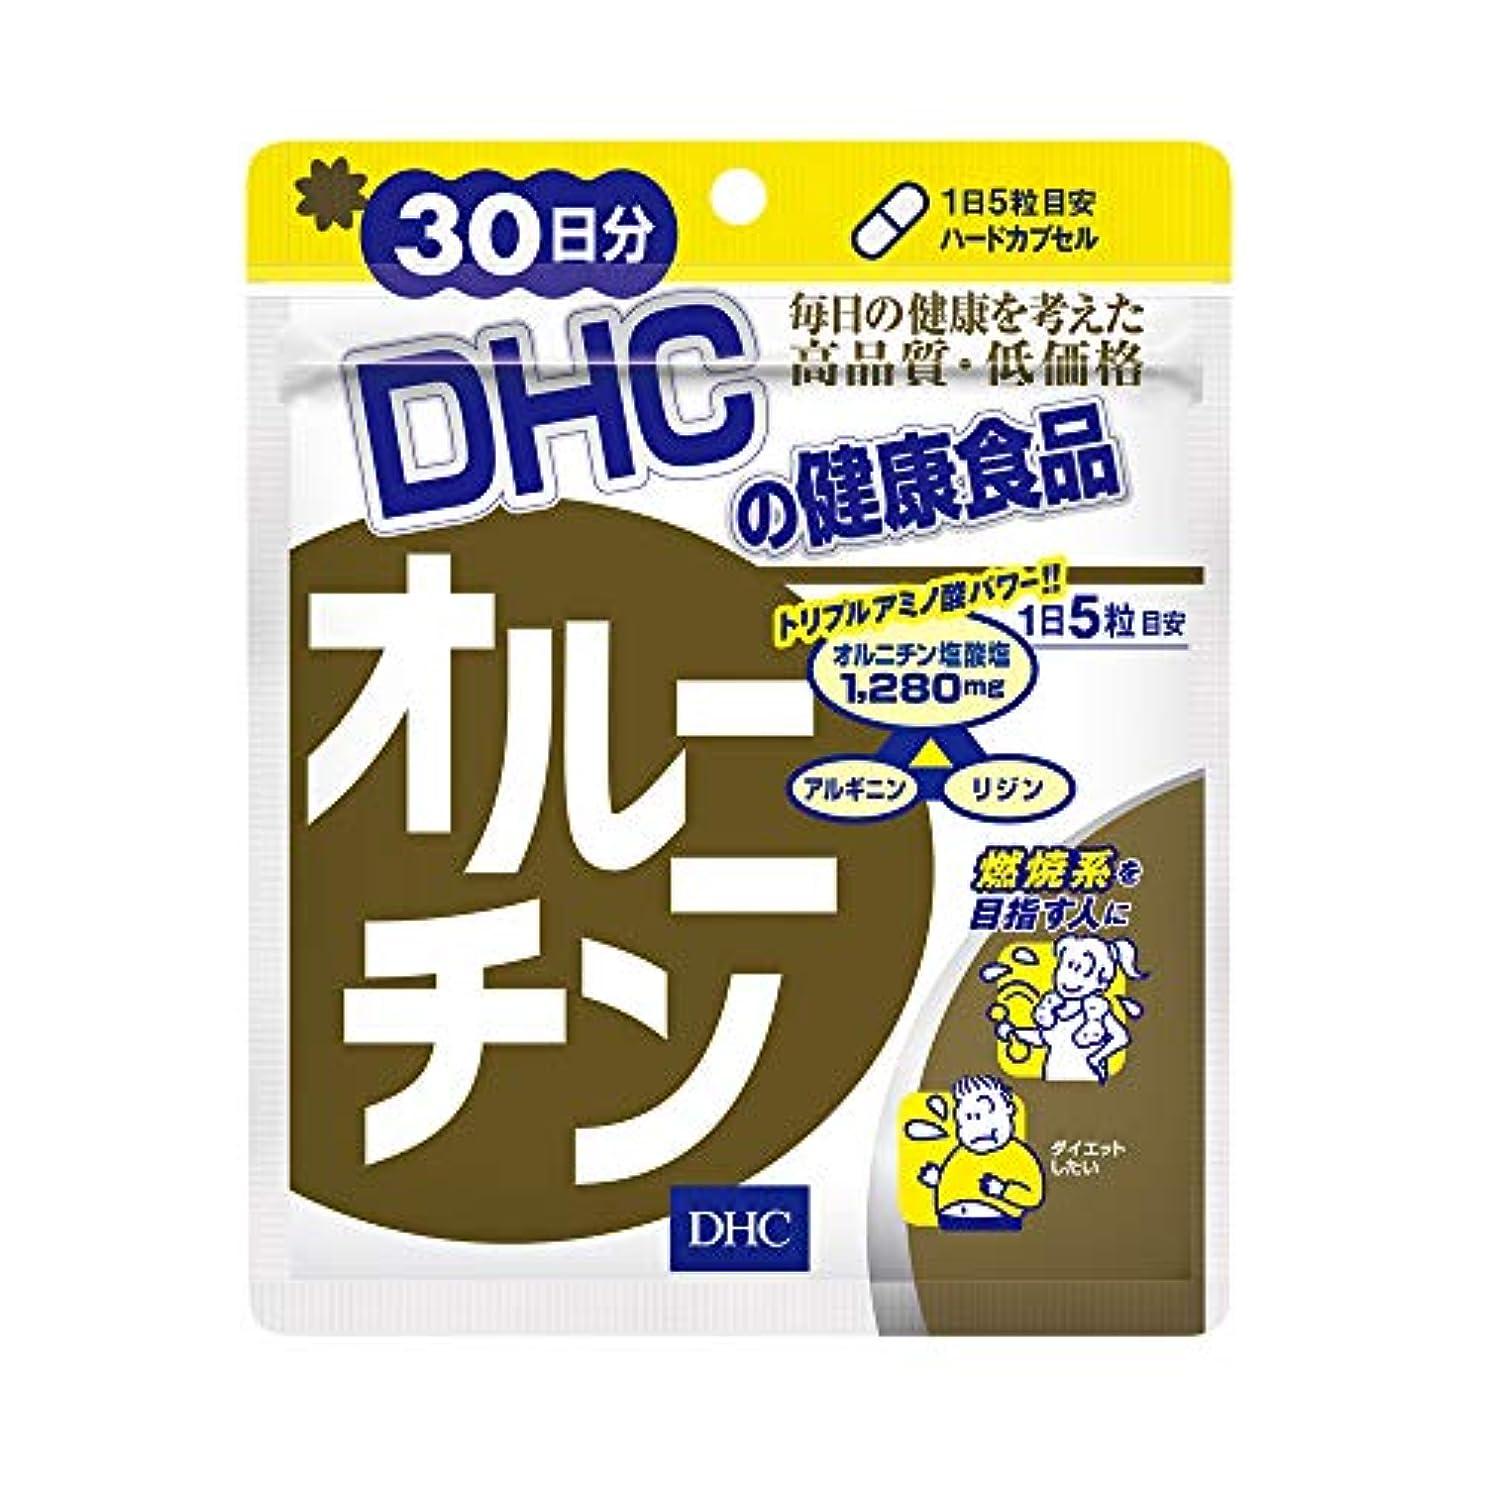 ユニークなマイク指令DHC オルニチン 30日分